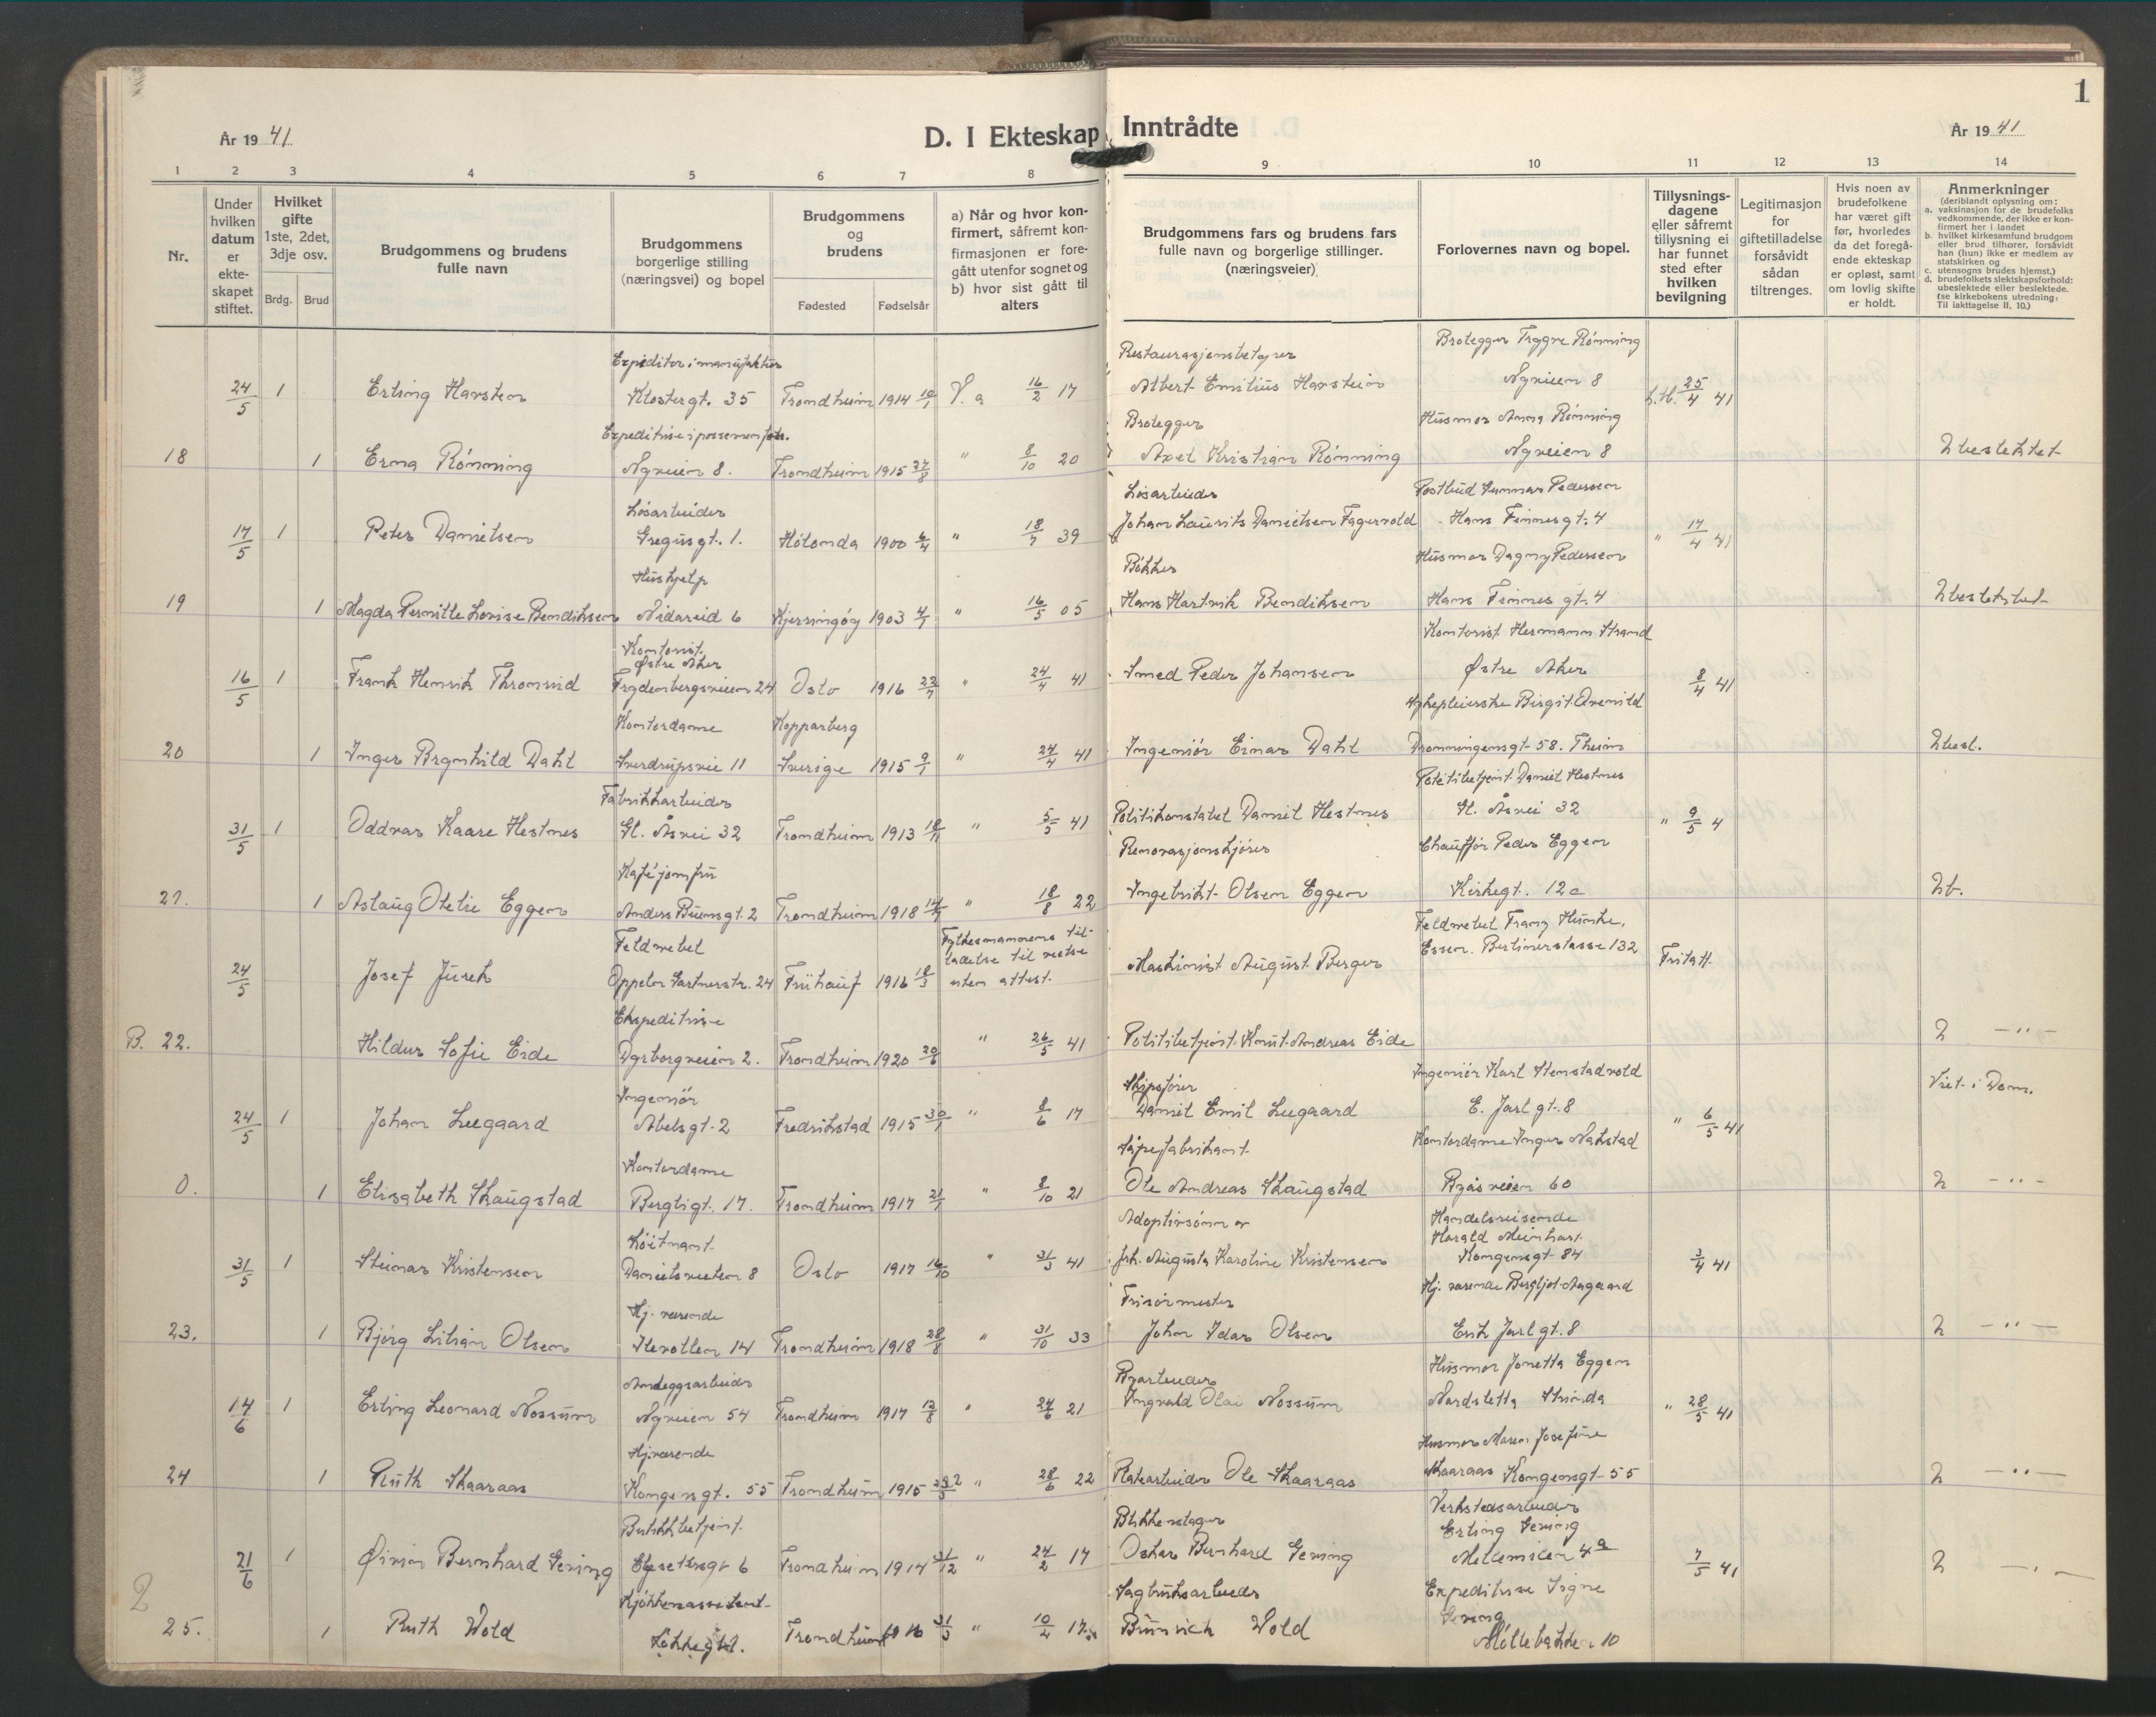 SAT, Ministerialprotokoller, klokkerbøker og fødselsregistre - Sør-Trøndelag, 603/L0177: Klokkerbok nr. 603C05, 1941-1952, s. 1